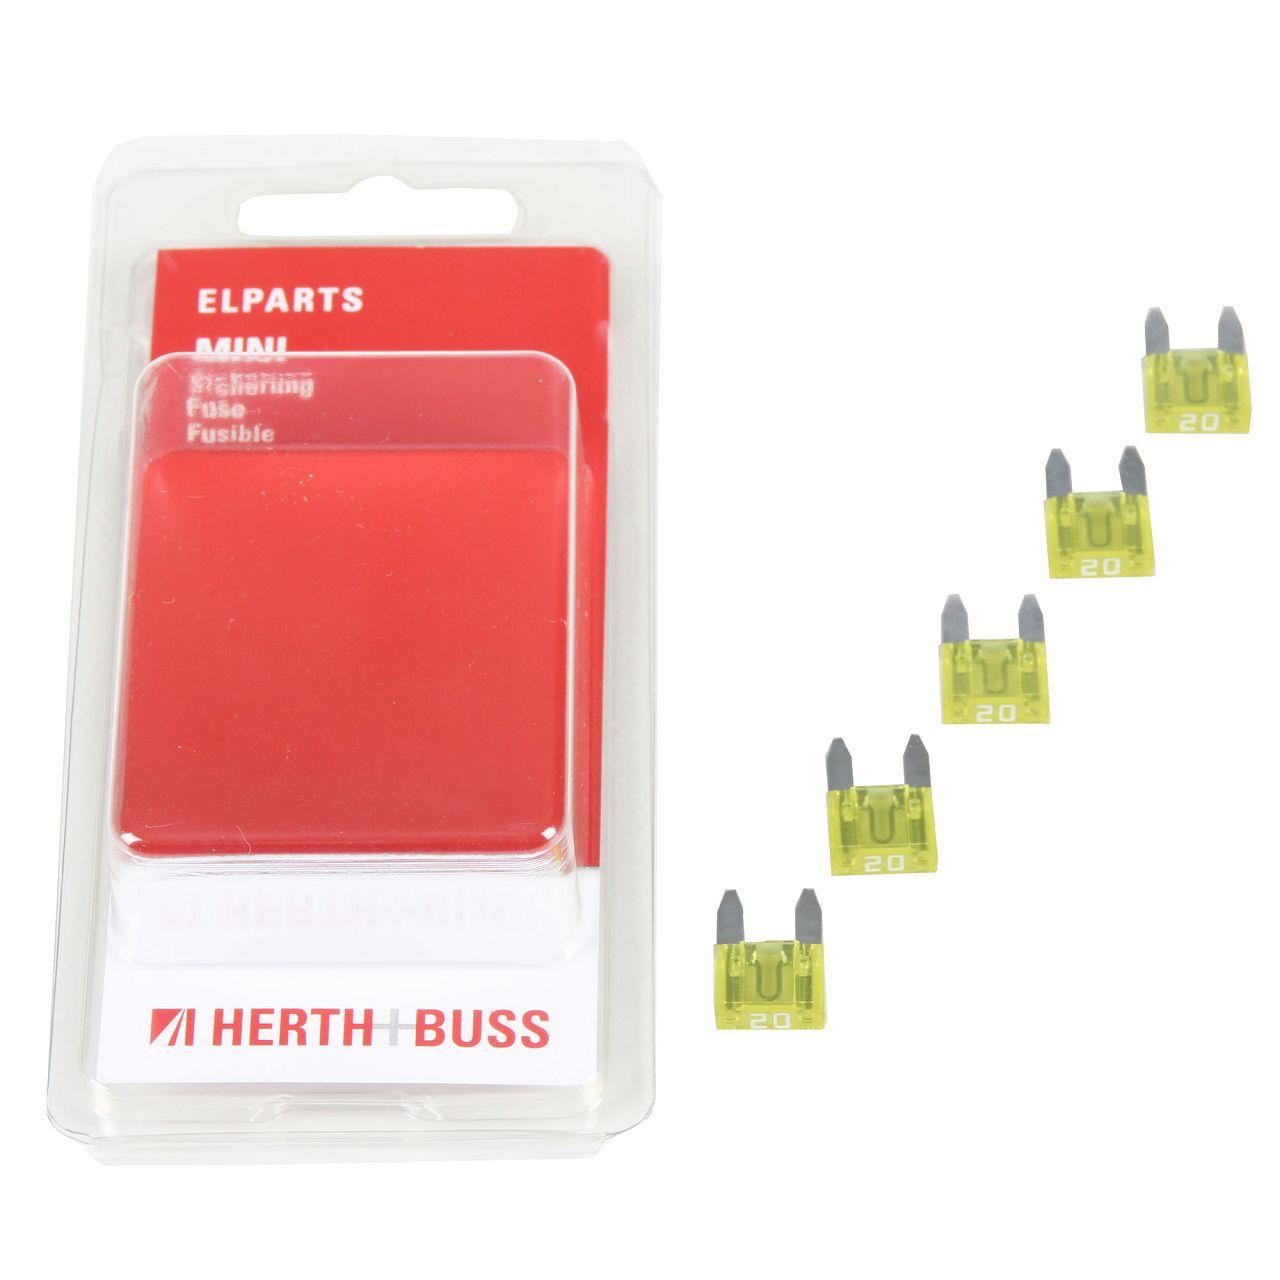 5x HERTH+BUSS Auto KFZ Sicherung Stecksicherung Flachsicherung GELB 20A für MINI